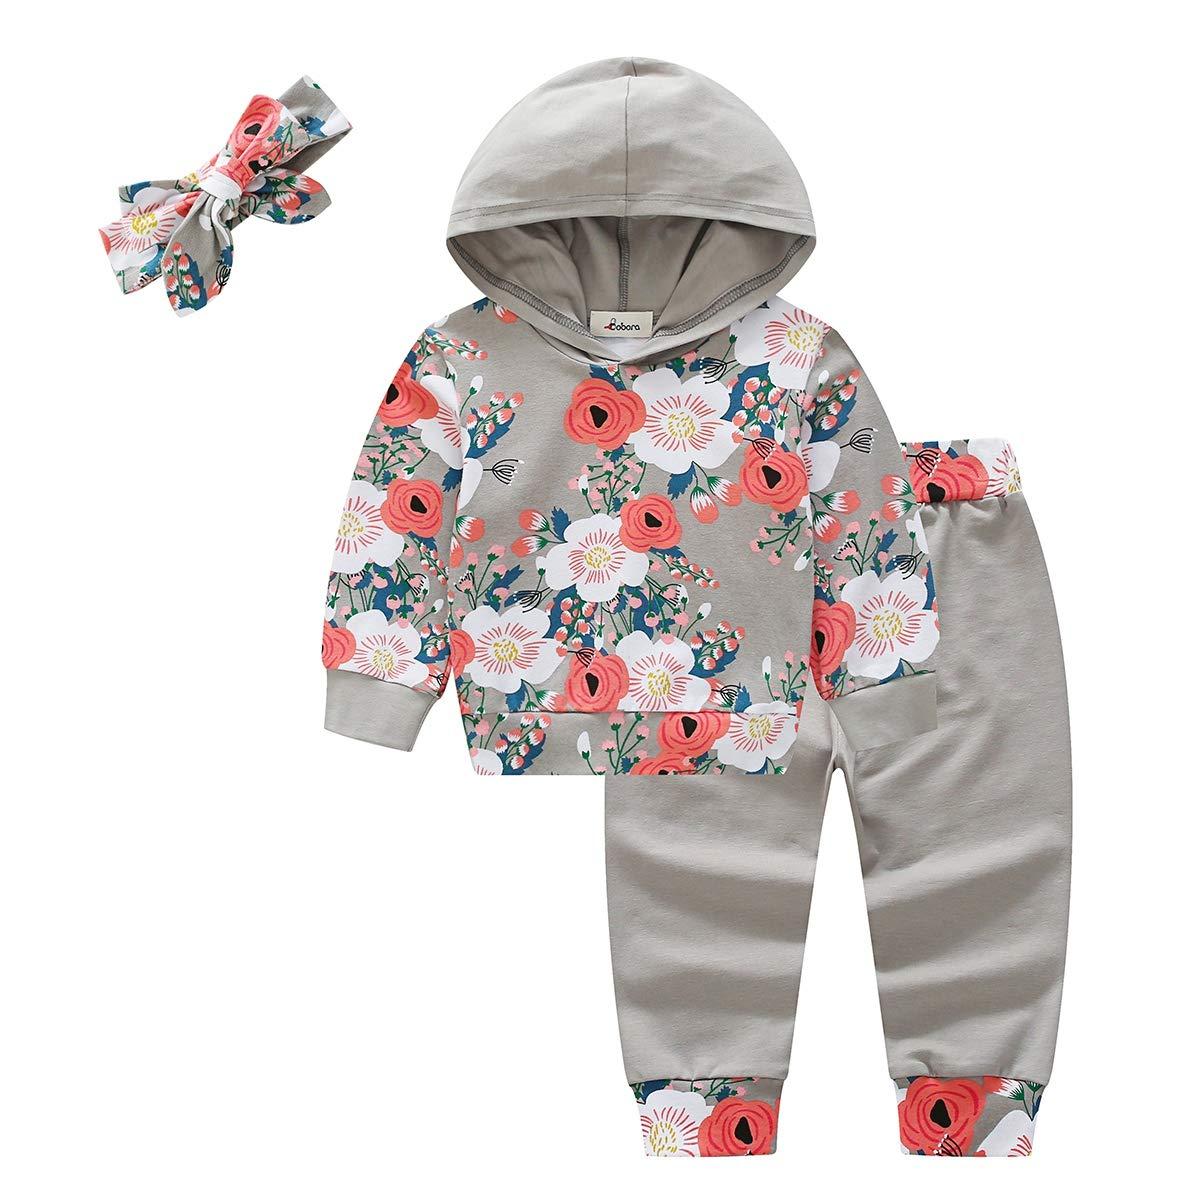 Baywell Neonato Bambina Felpa con Cappuccio Manica Lunghe + Pantaloni+Fascia Abiti Set TOP-YBY-0304EN